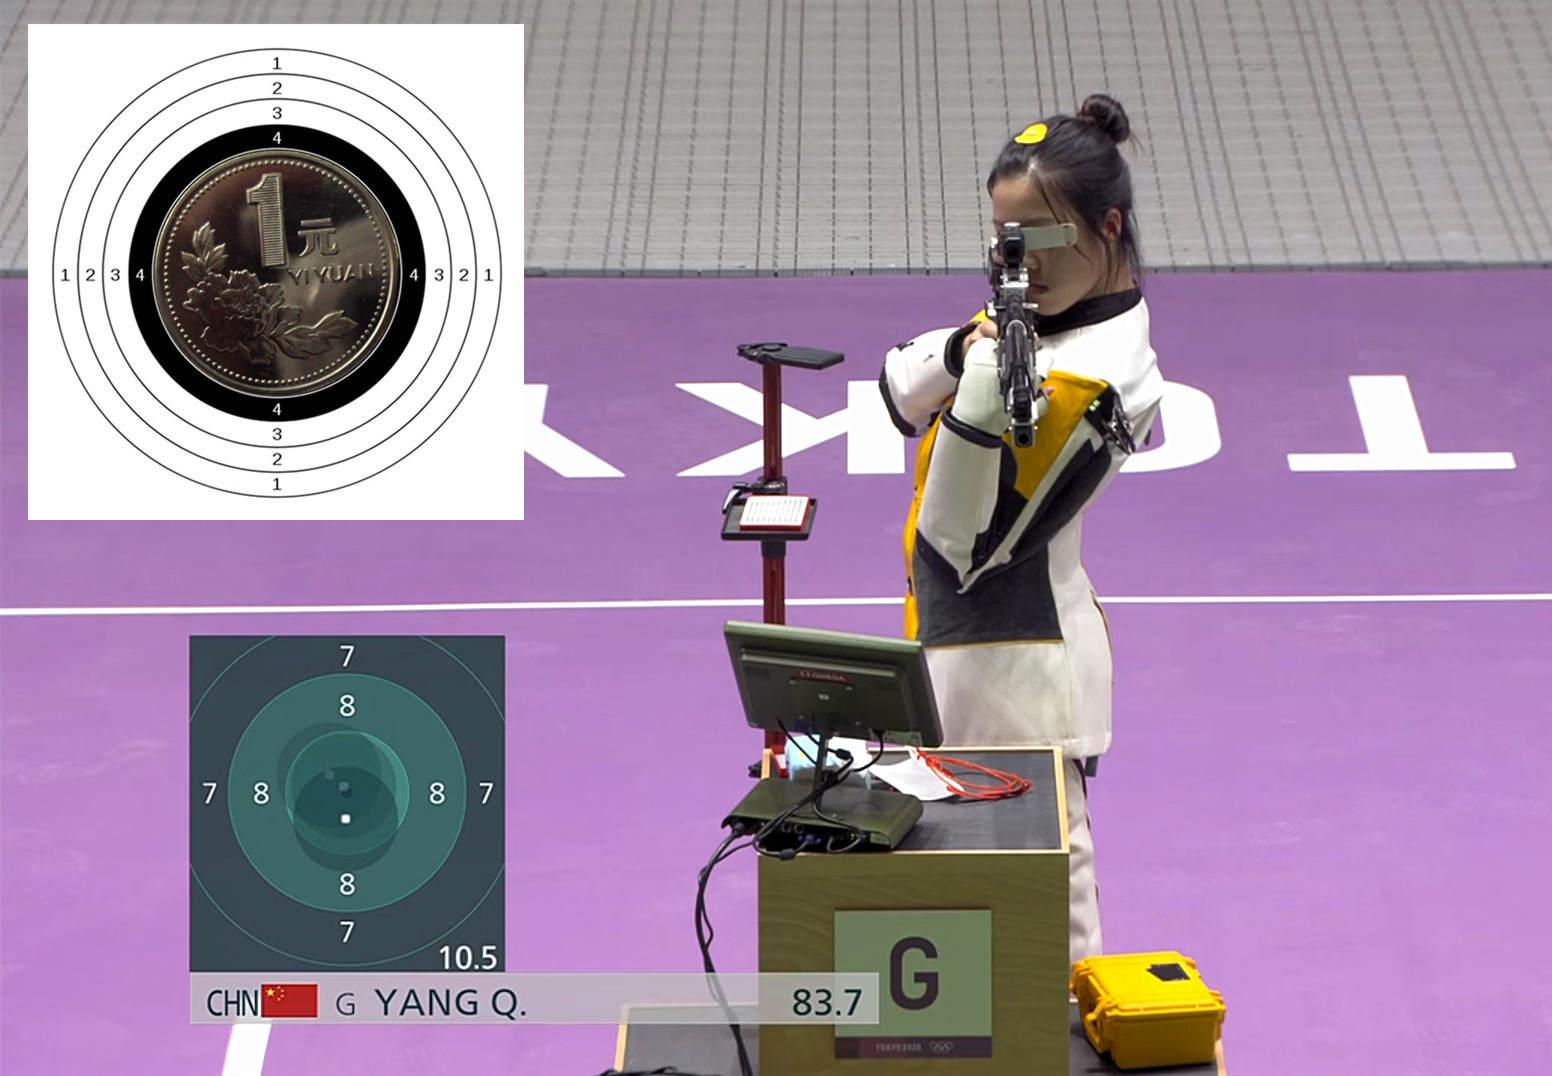 为什么奥运会10米气步枪比赛可以穿皮衣,打手枪不许穿?